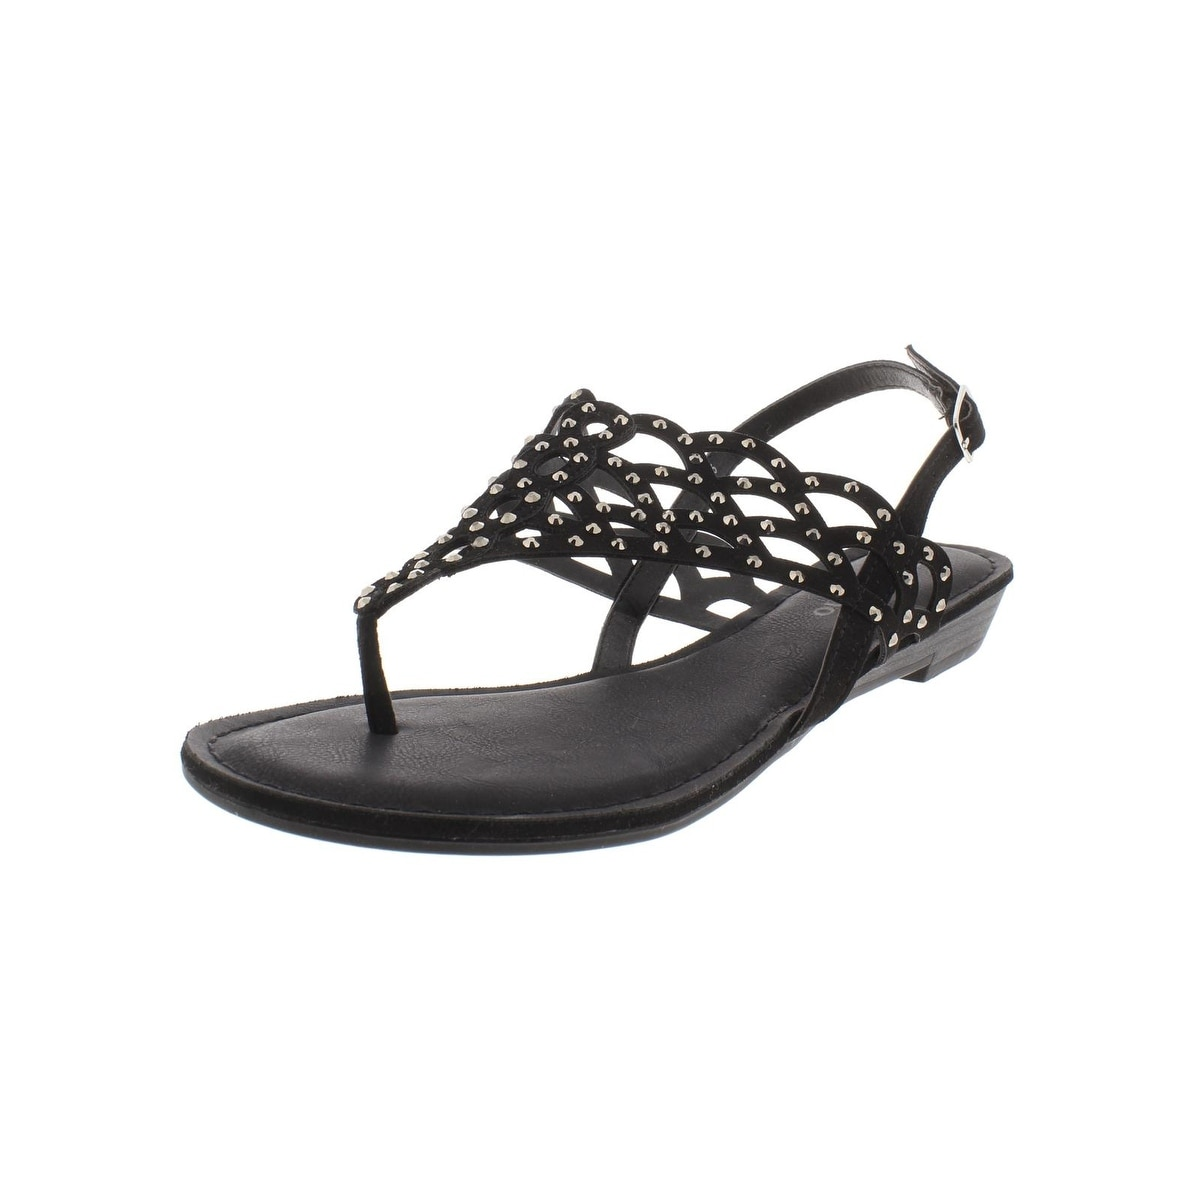 5b353f286b3e Zigi Soho Women s Shoes